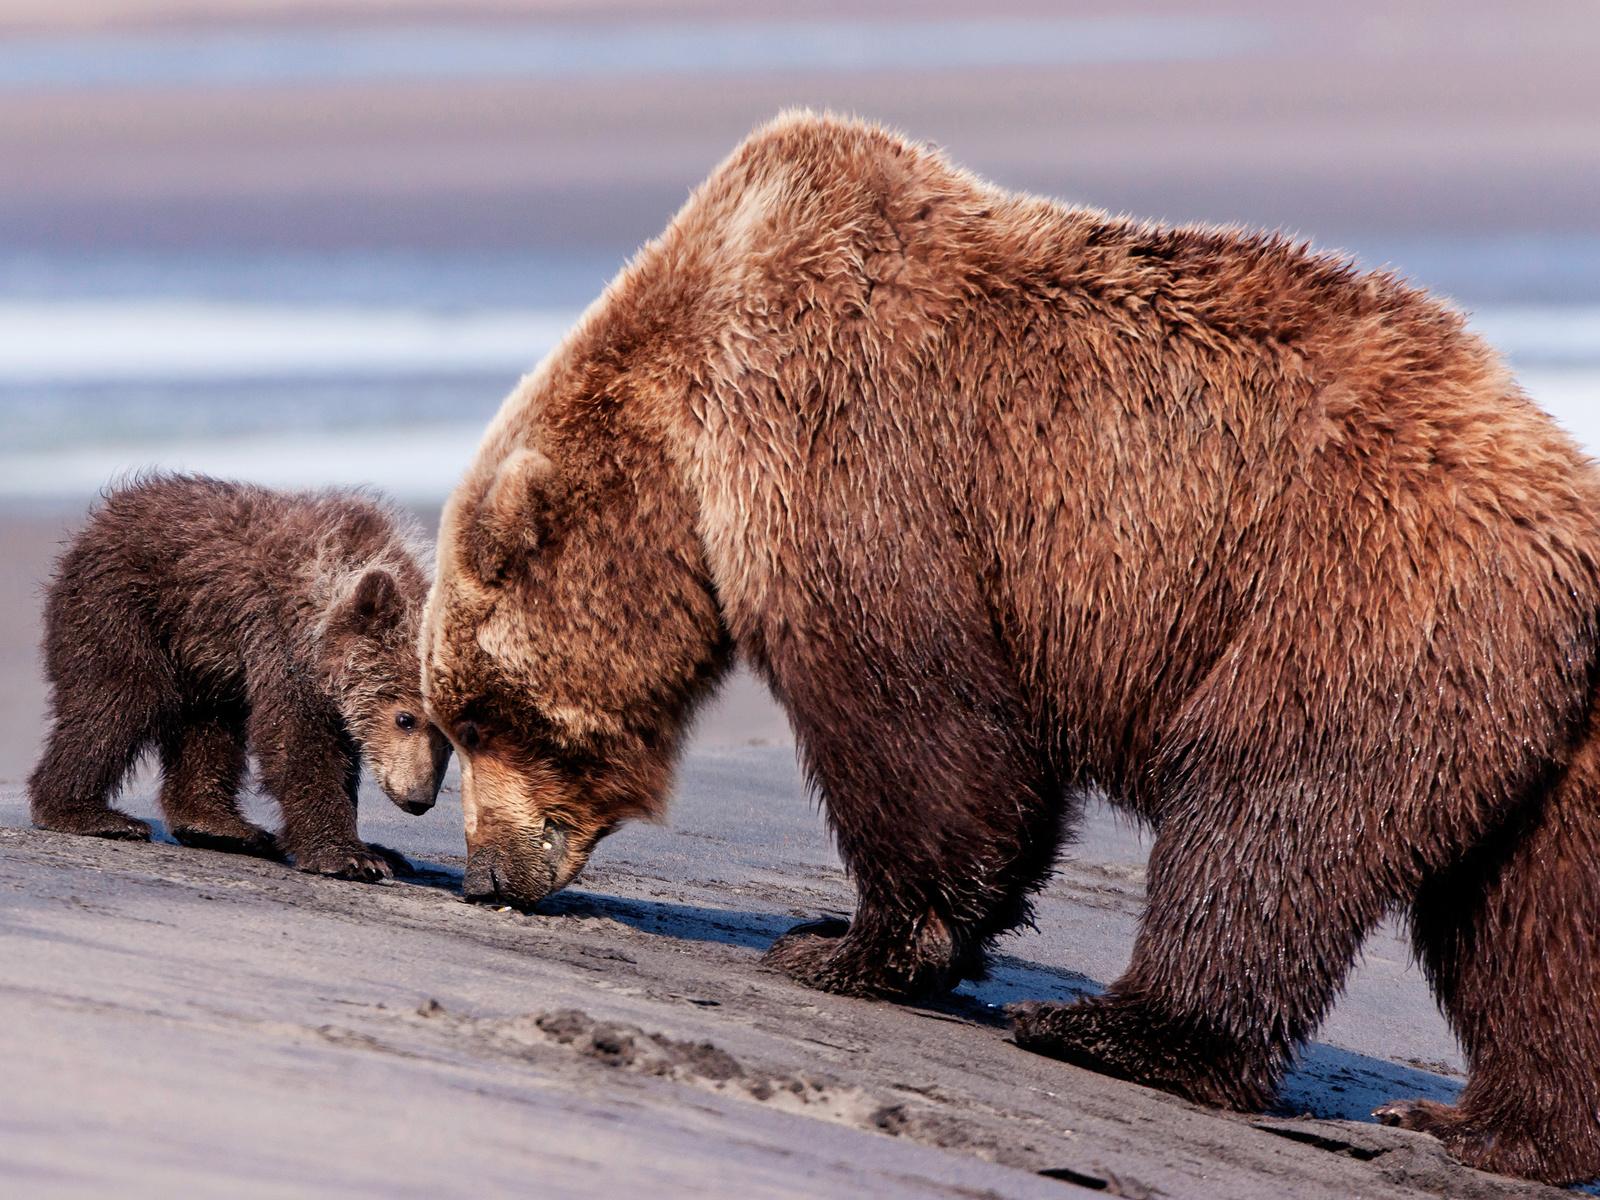 животные, хищники, медведи, медведица, медвежонок, детёныш